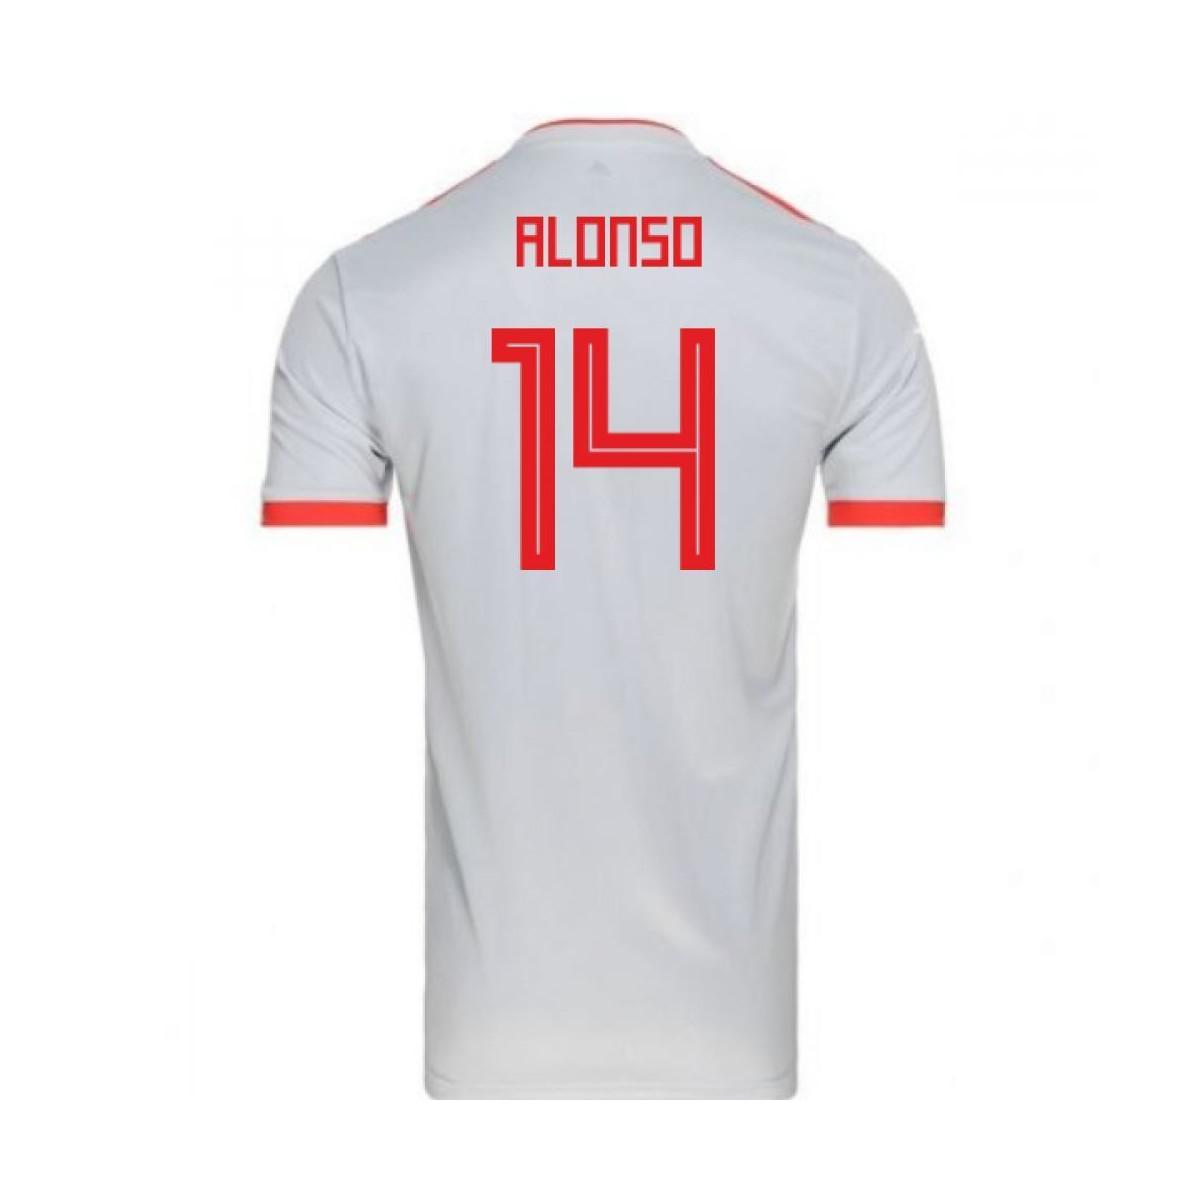 791d6d09dfa Adidas 2018-2019 Spain Away Football Shirt (alonso 14) Women s T ...